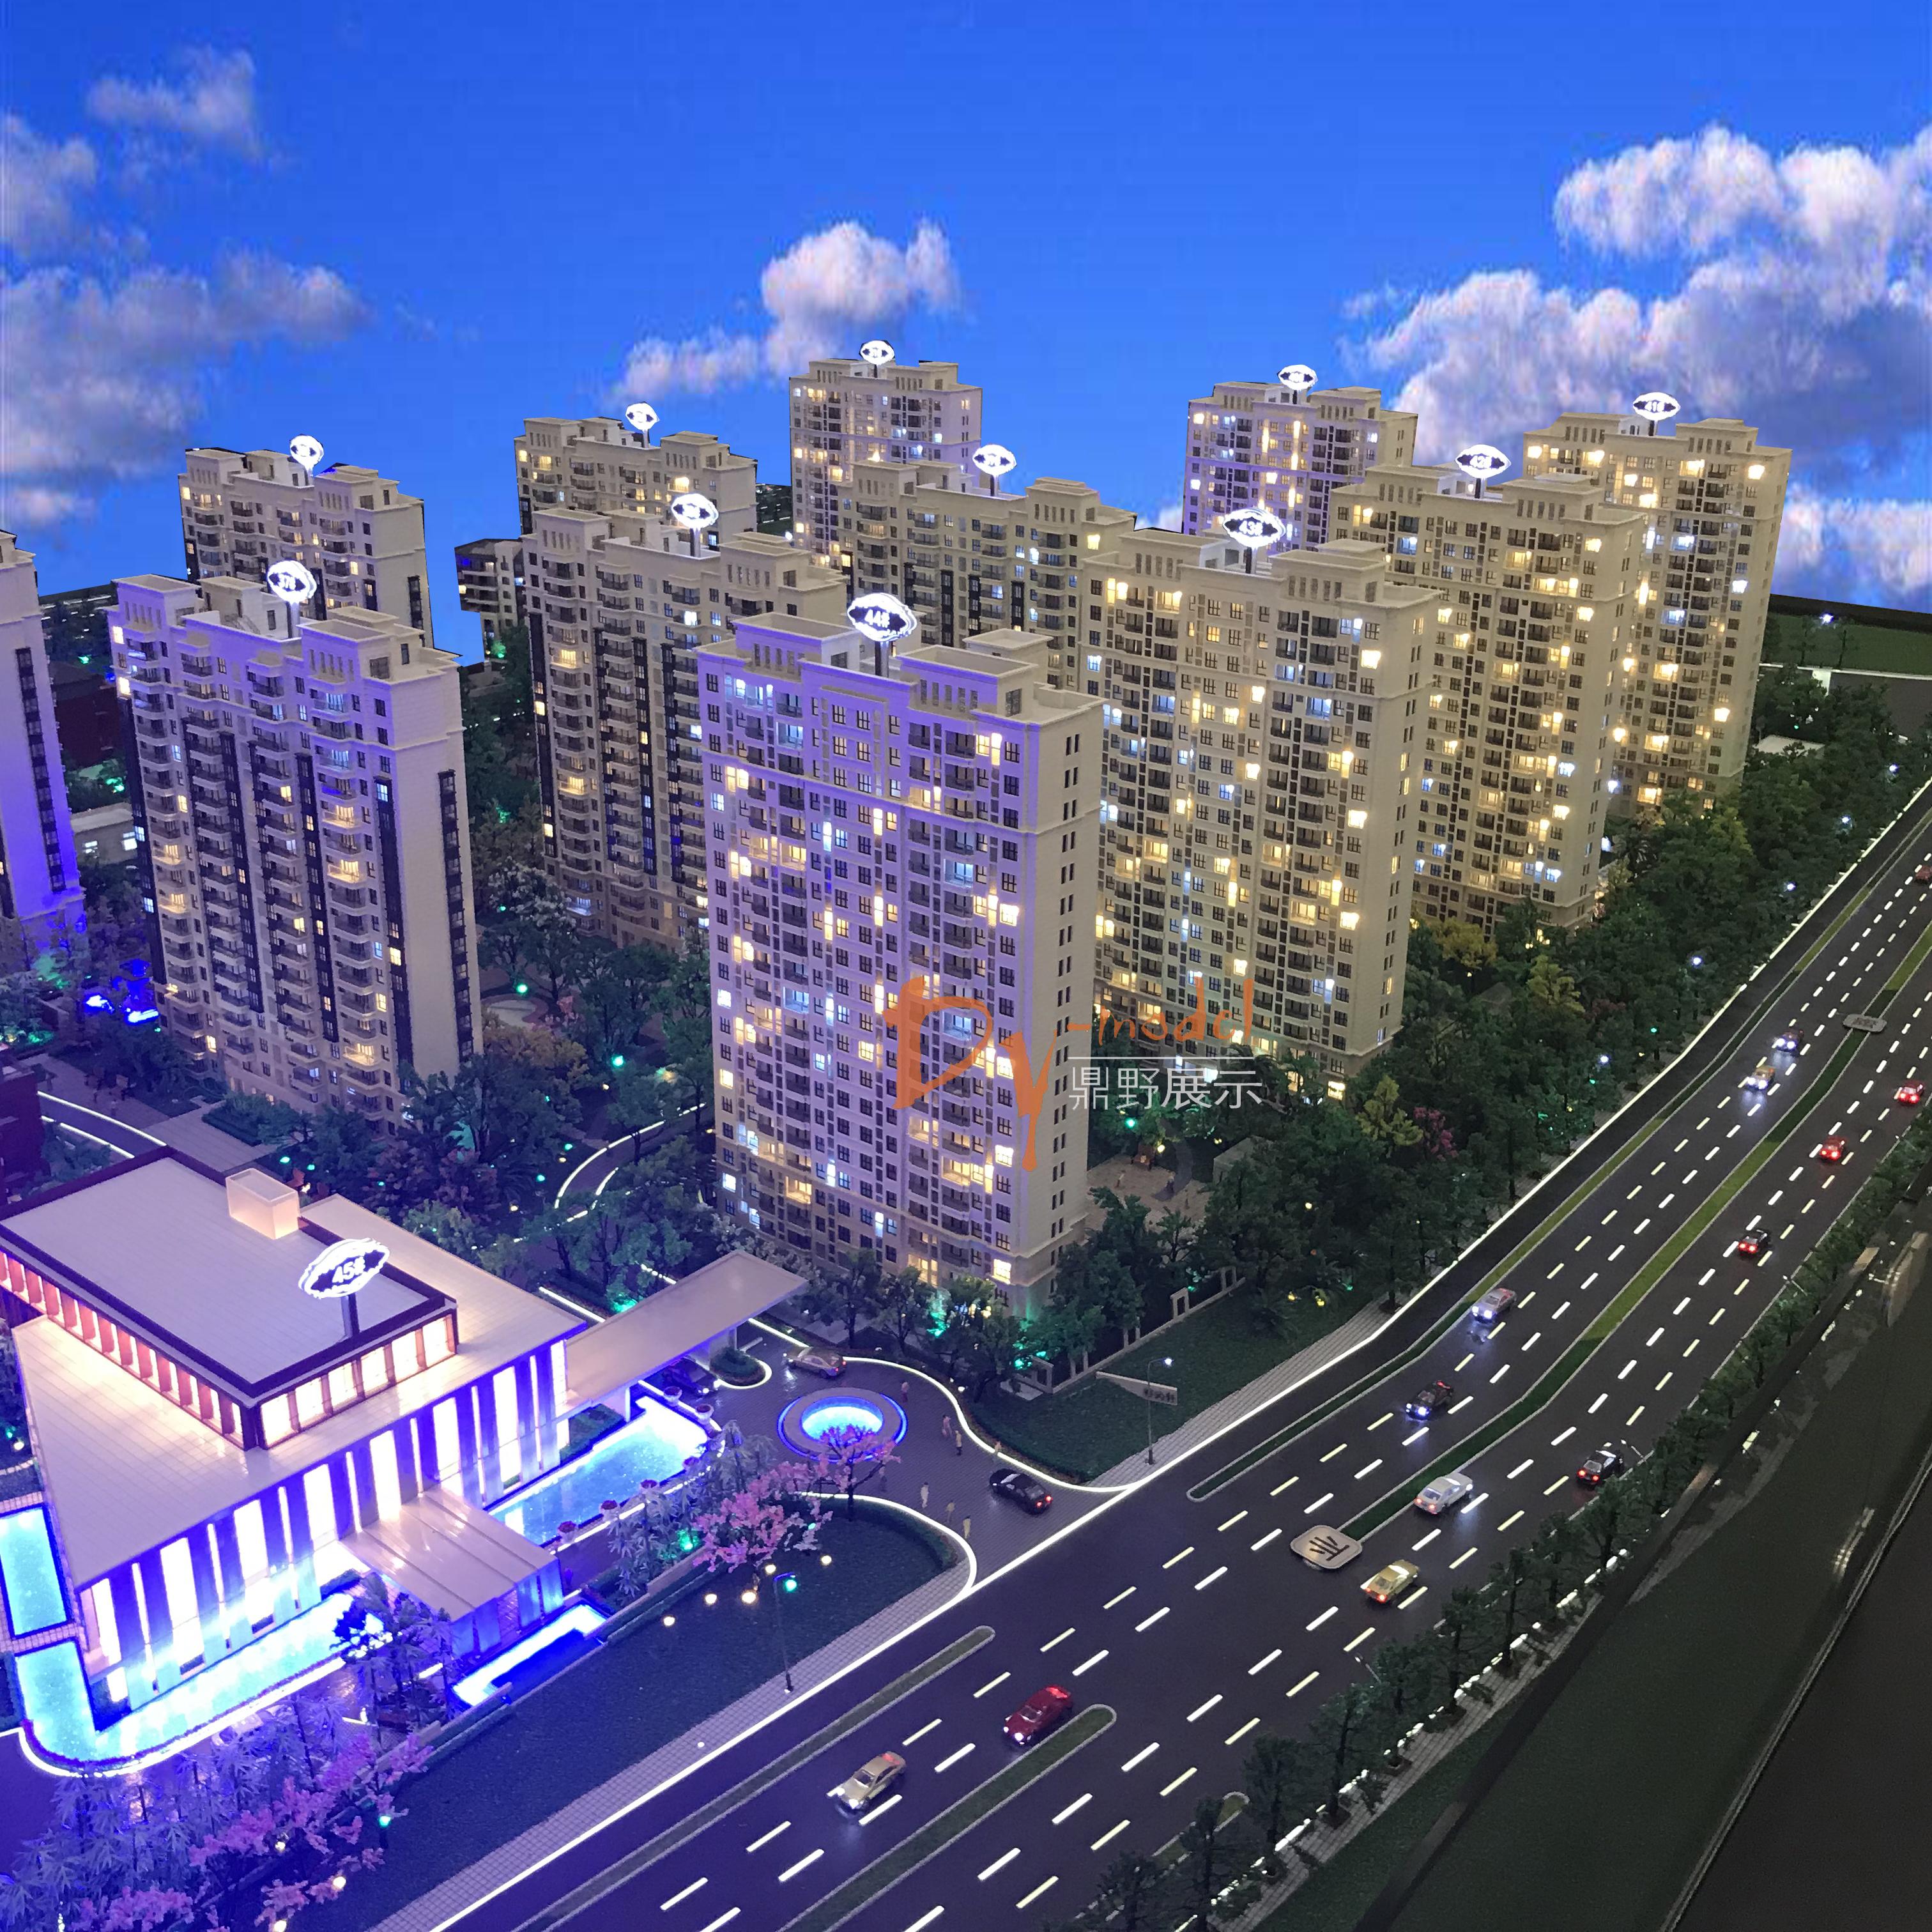 高端住宅建筑模型设计 建筑模型设计展示 展馆模型设计